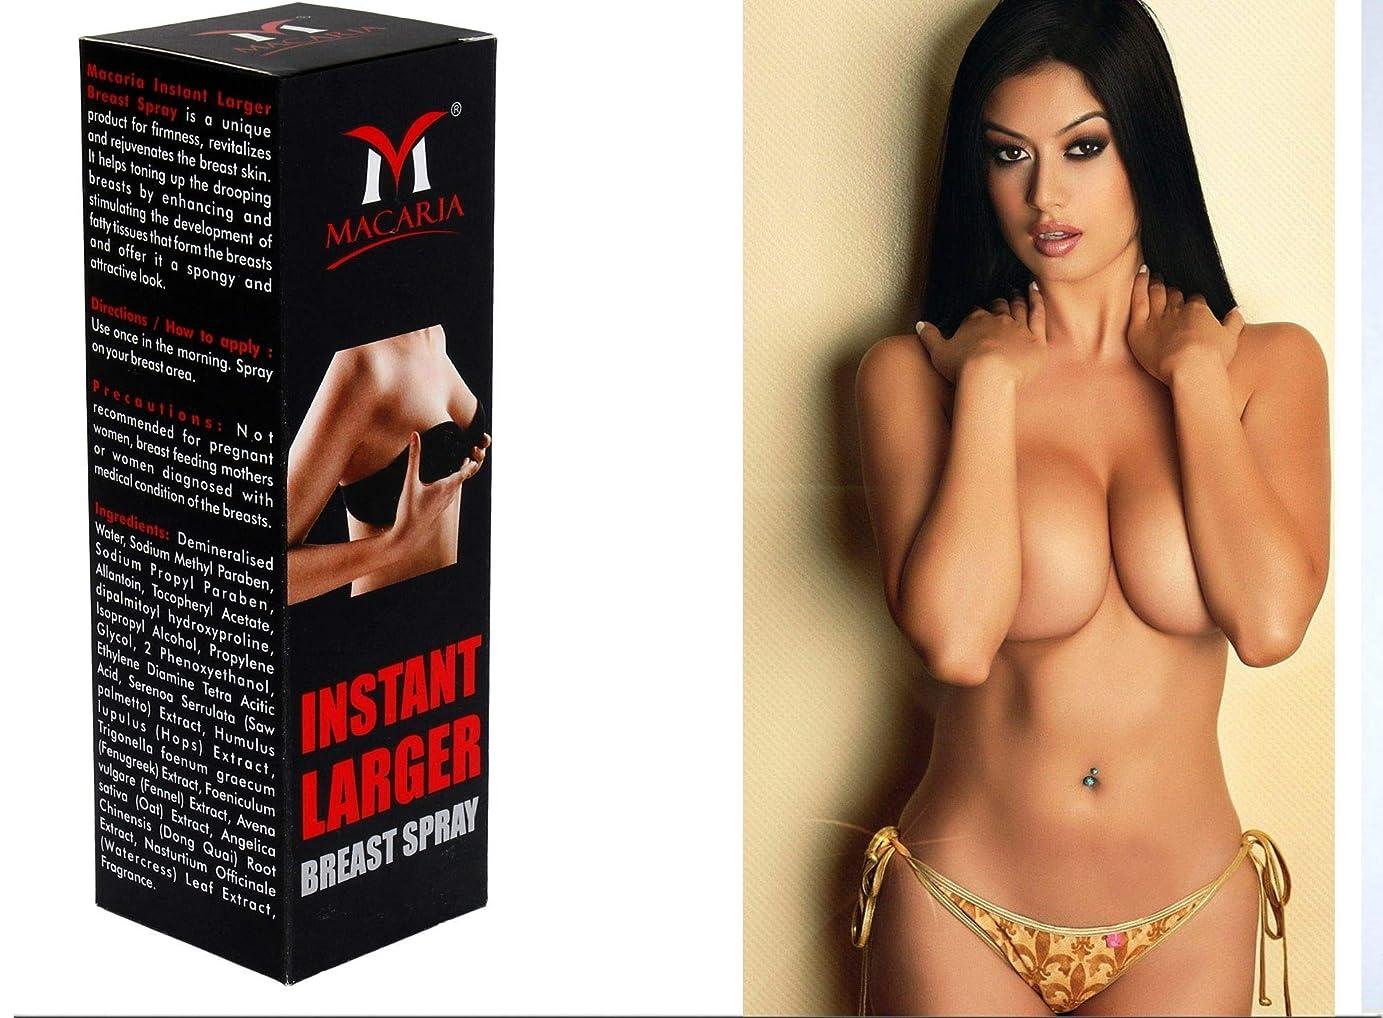 下奨励します容疑者VIRGIN AGAIN CREAM FOR WOMEN